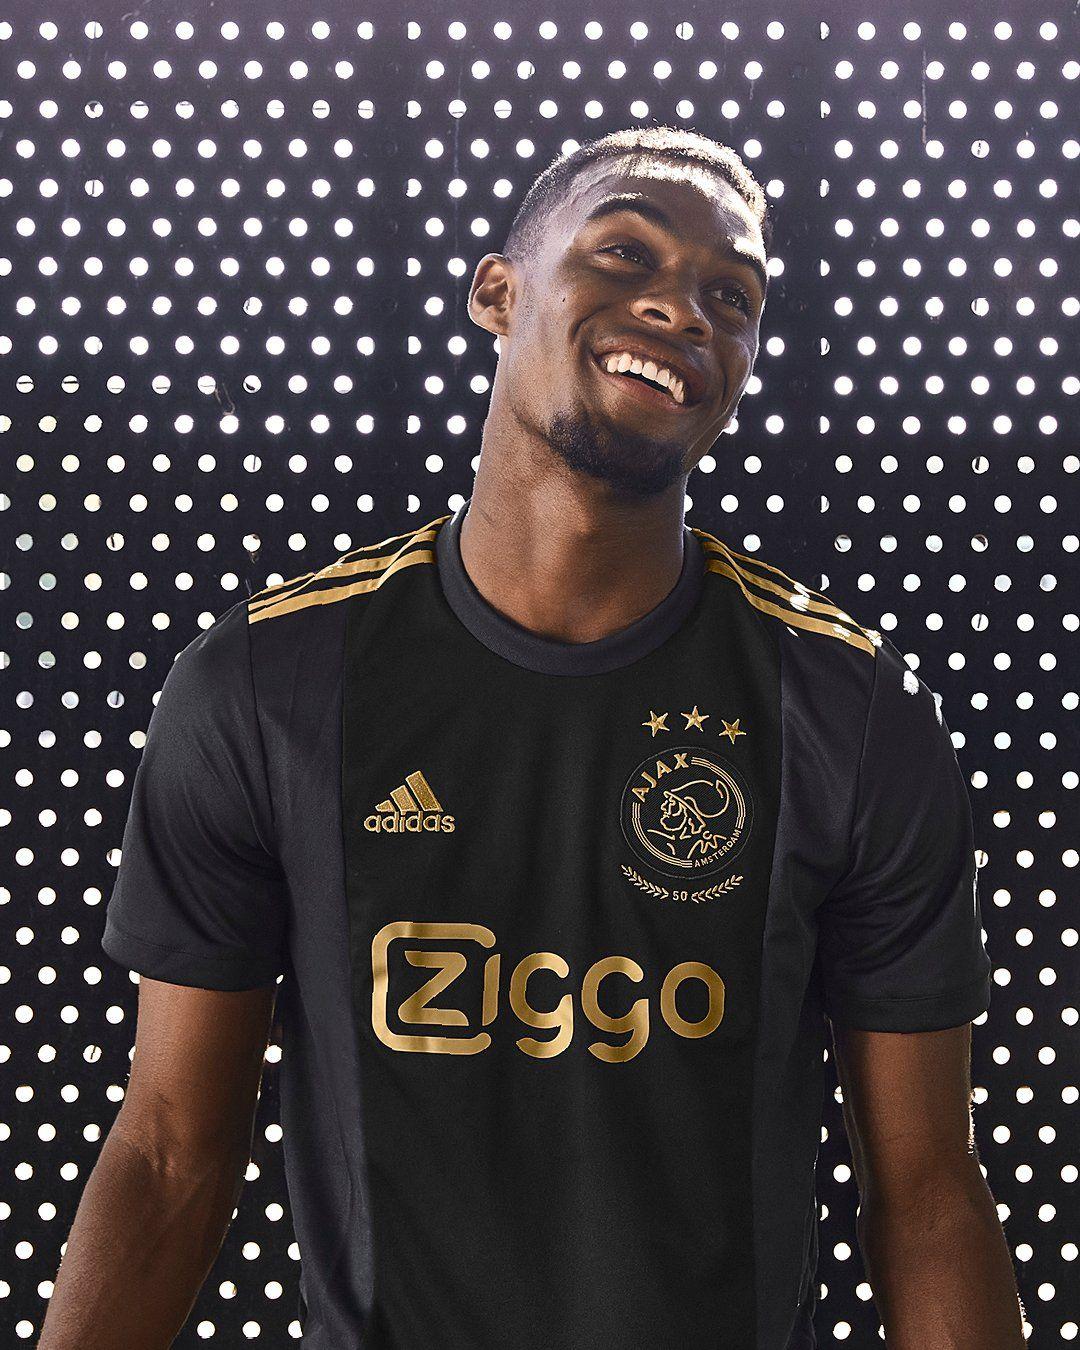 Mundo Da Bola On Twitter Champions League European Cup Football Shirts